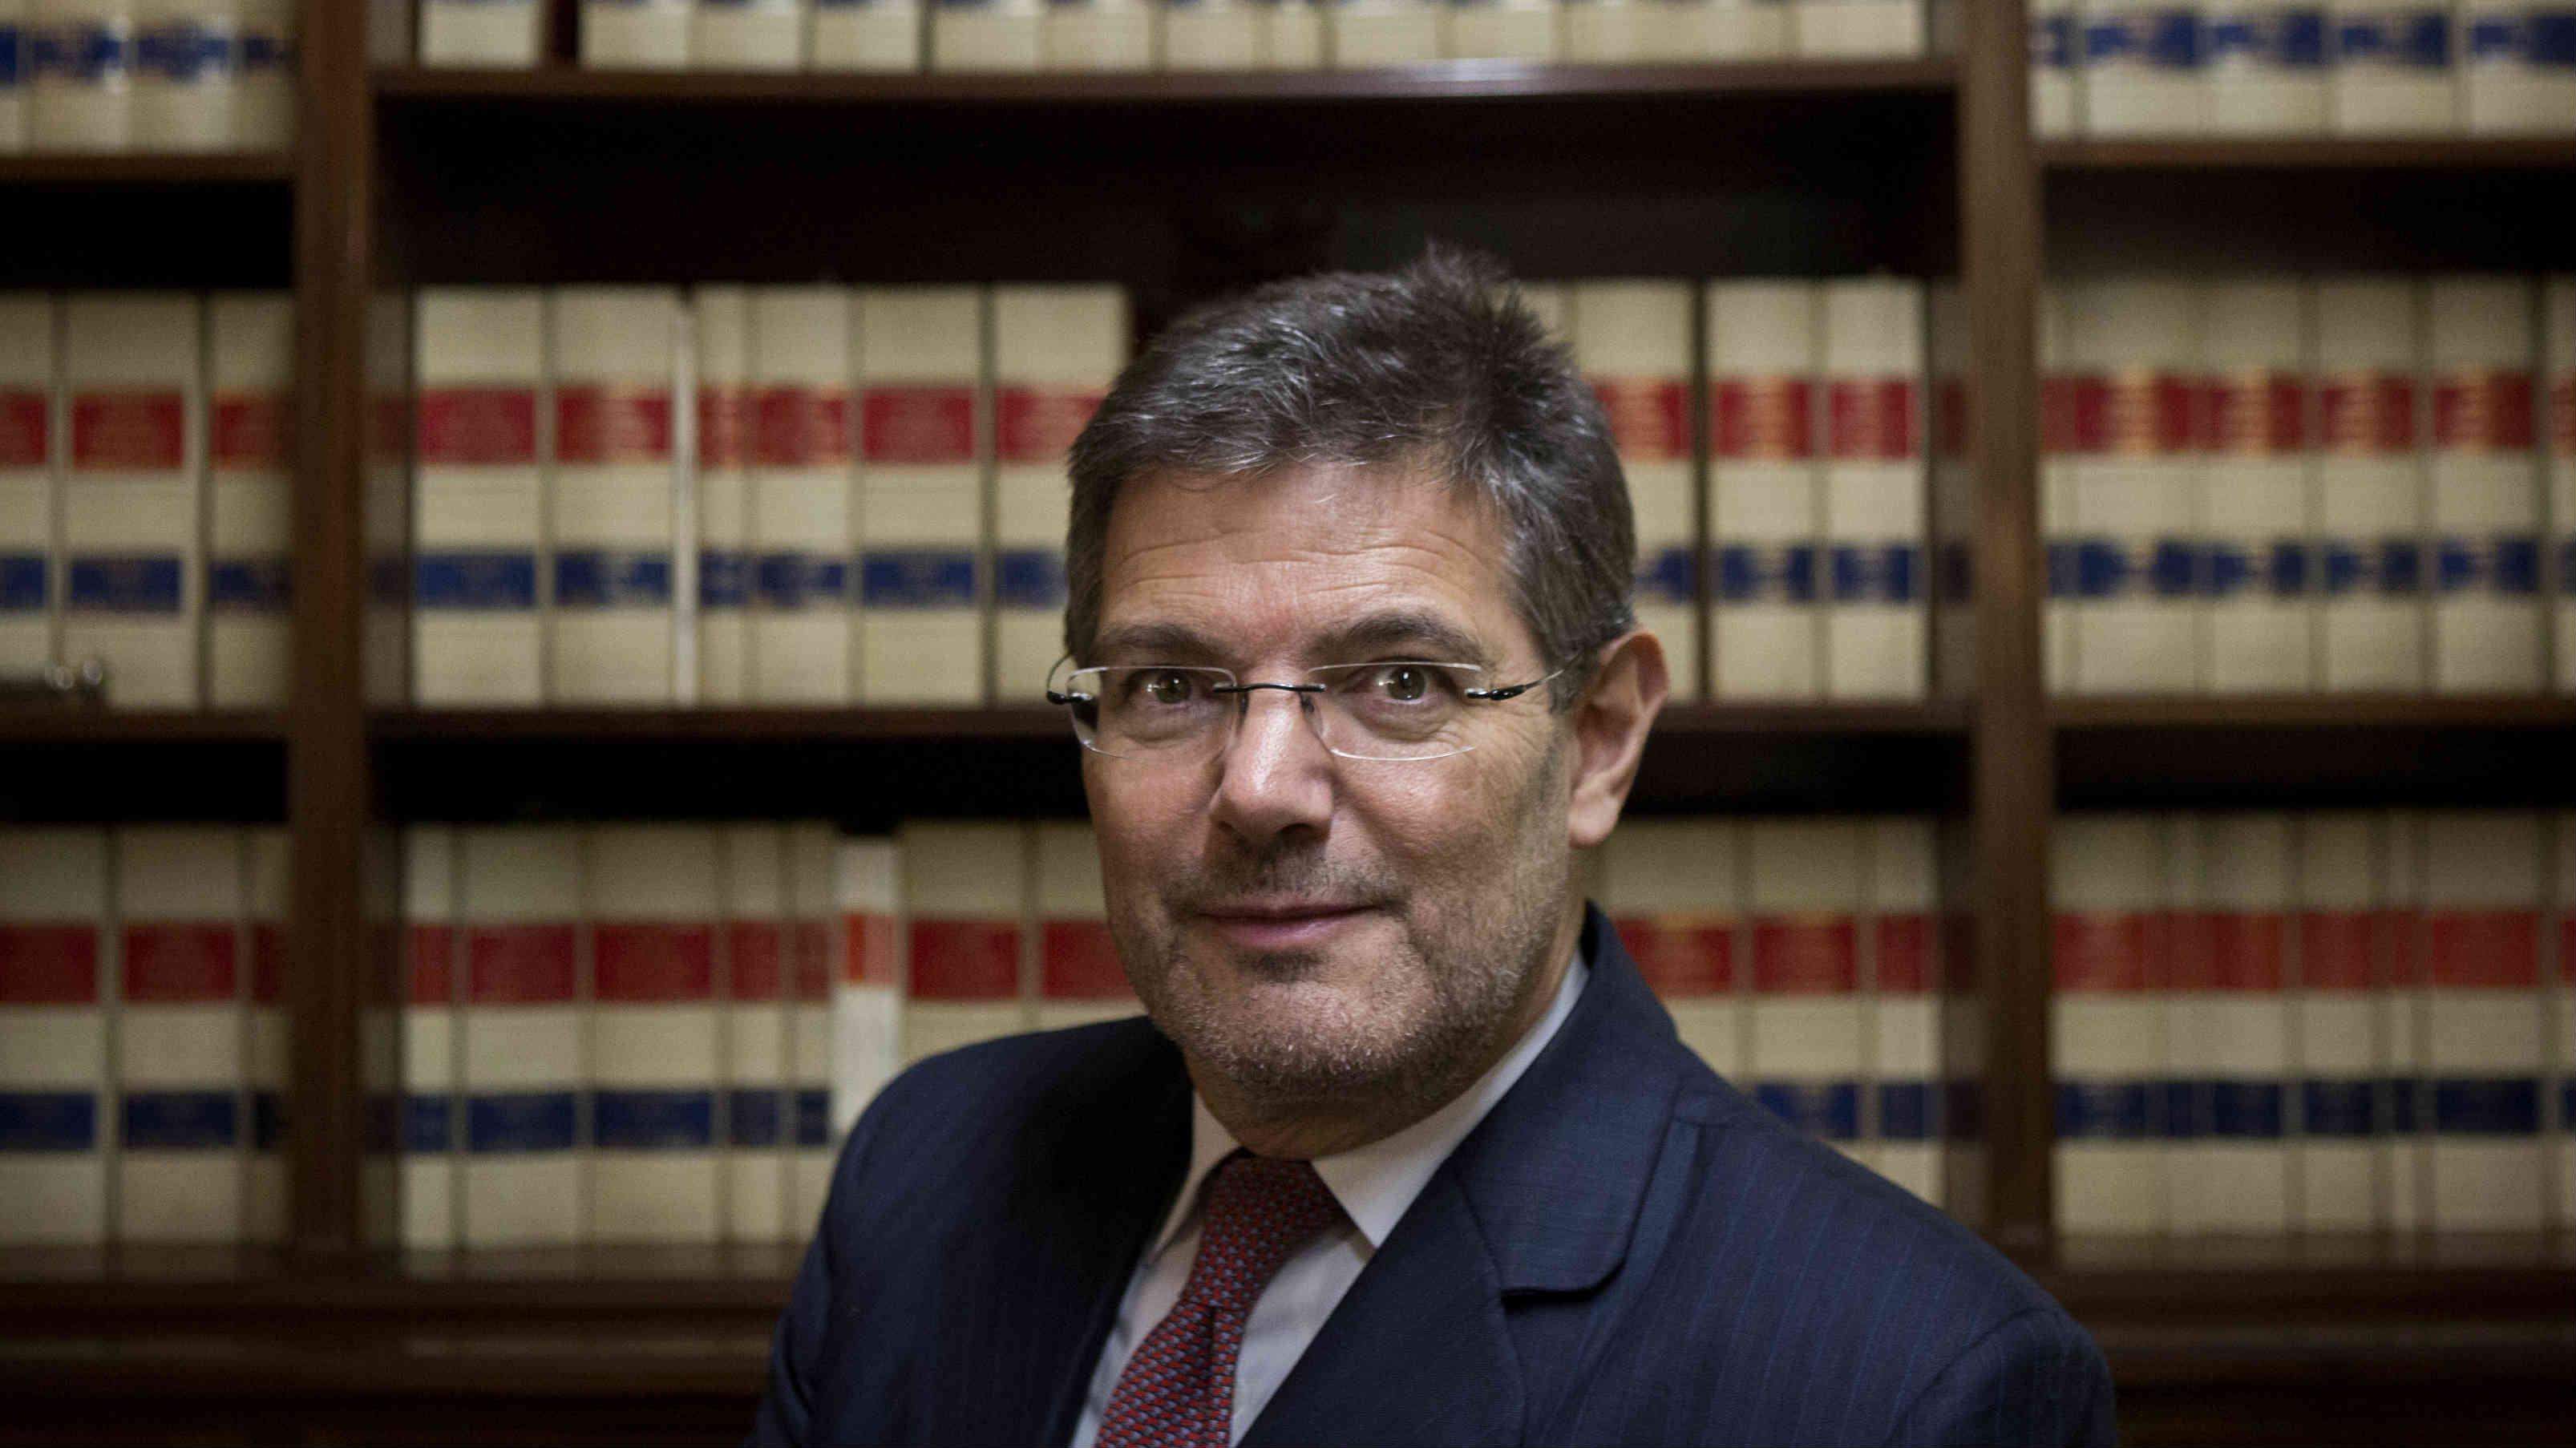 Rafael Catalá: Es vergonzoso que Puigdemont haya huido de su responsabilidad (ES)